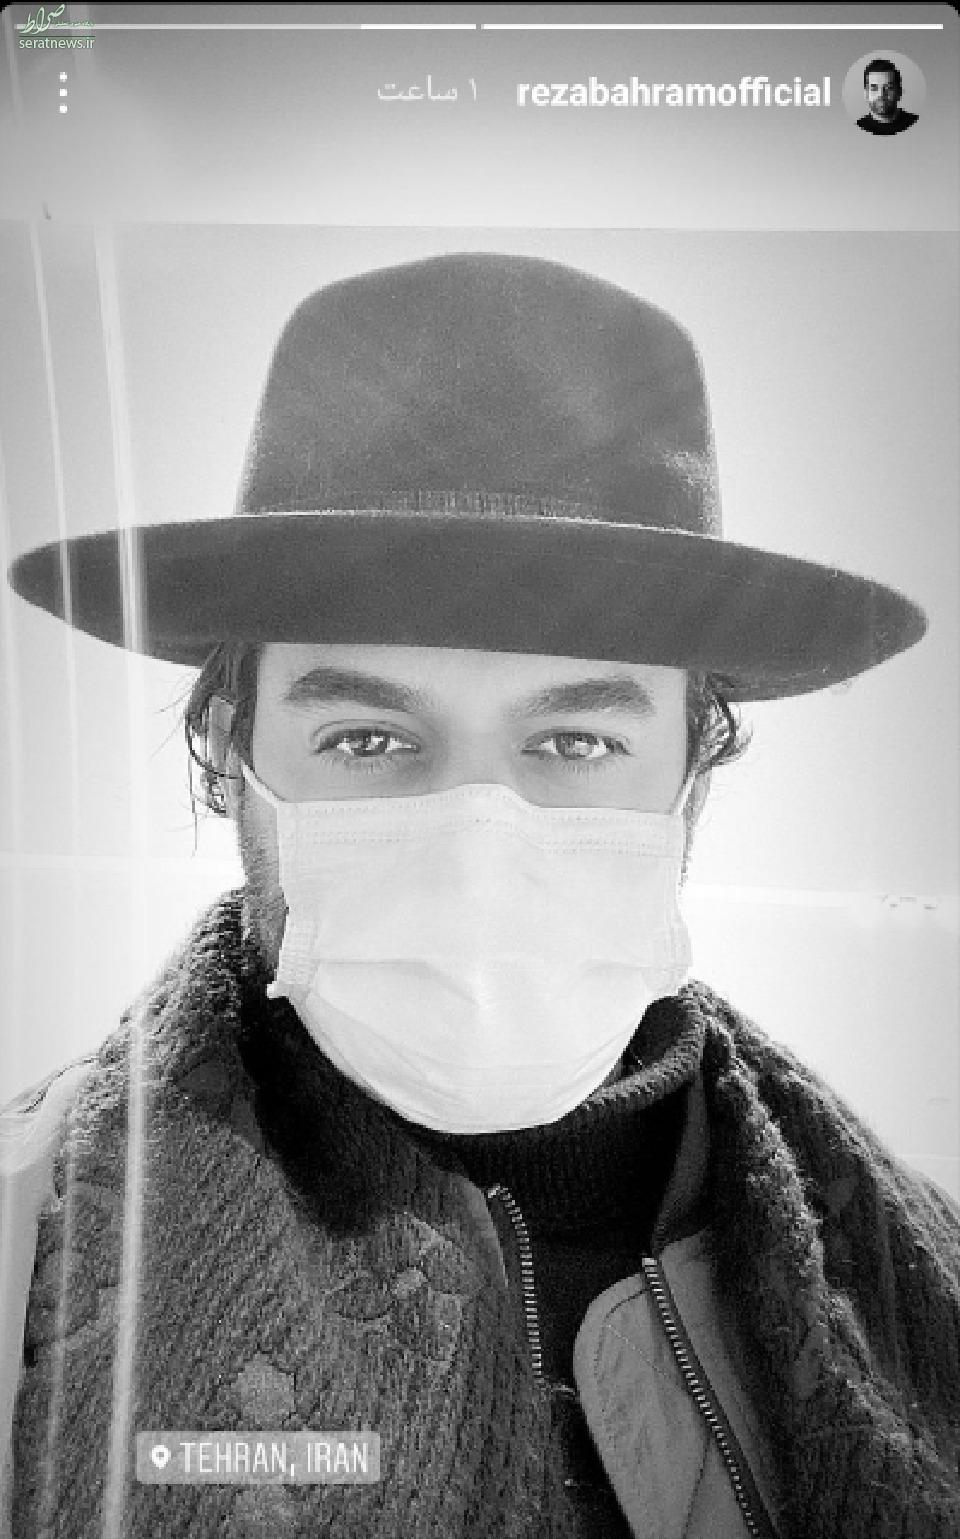 ماسک زدنِ کابوی طورِ «رضا بهرام»